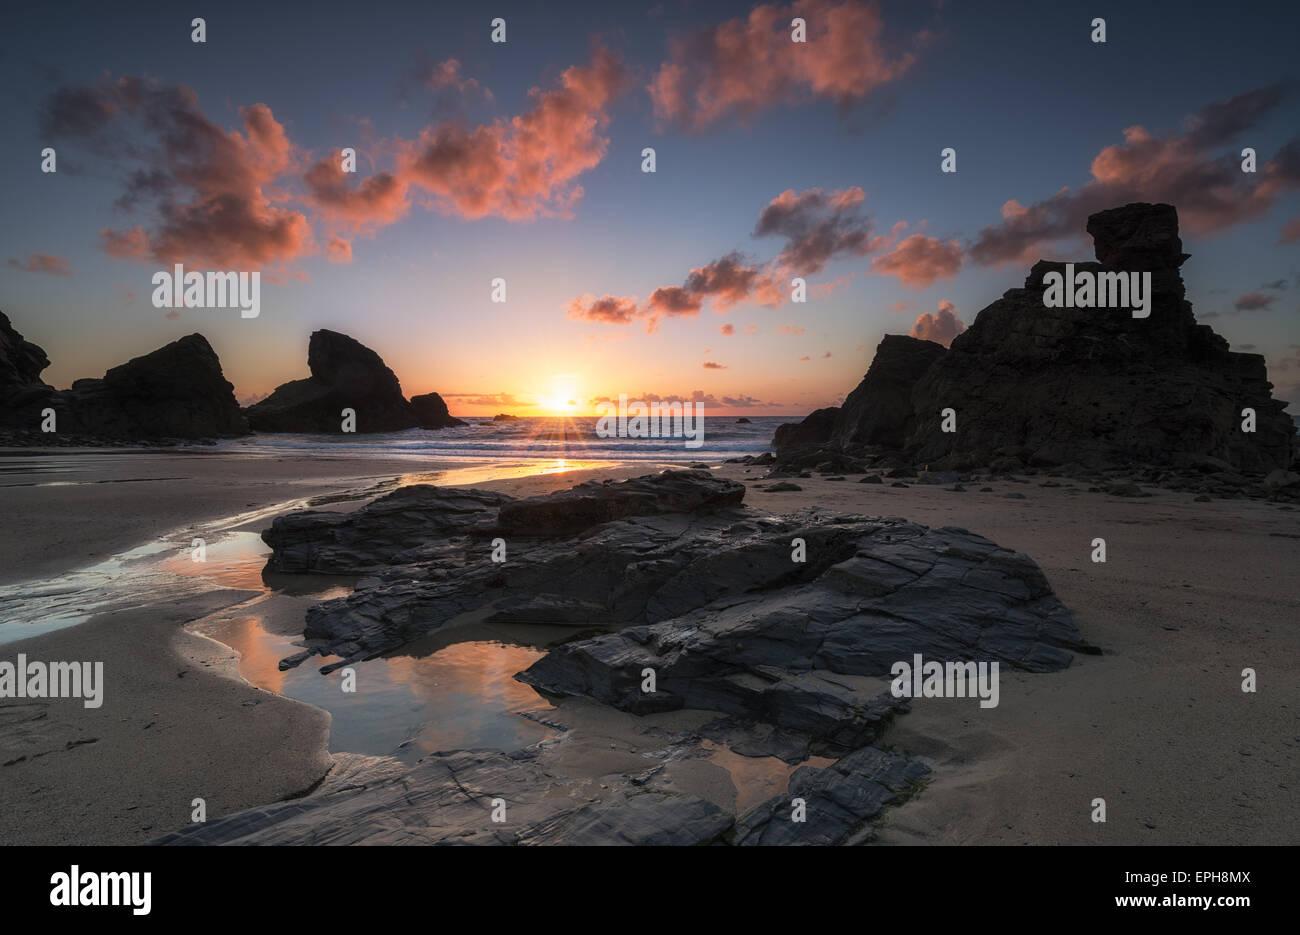 Dramatischen Sonnenuntergang am Felsen Stacks am Porthcothan Bay in der Nähe von Padstow in Cornwall Stockbild